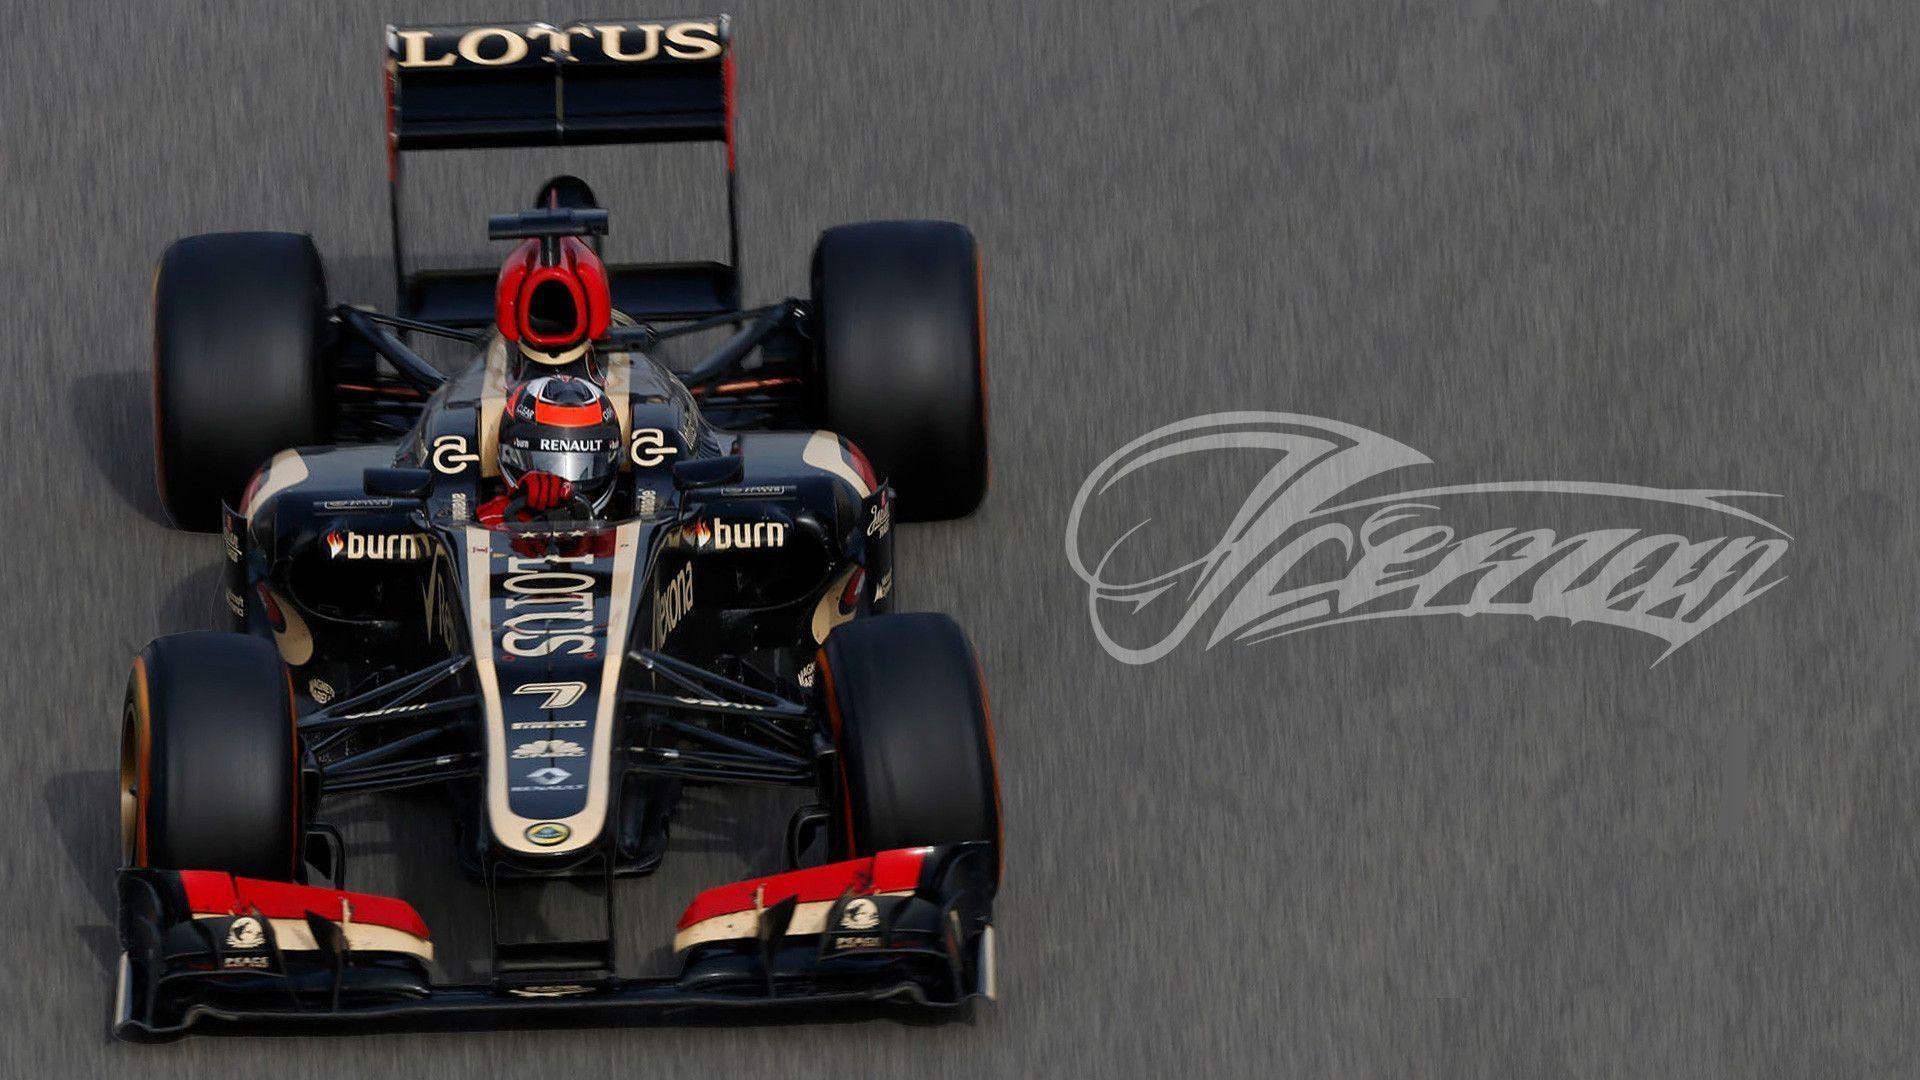 Team Lotus F1 Teams Background